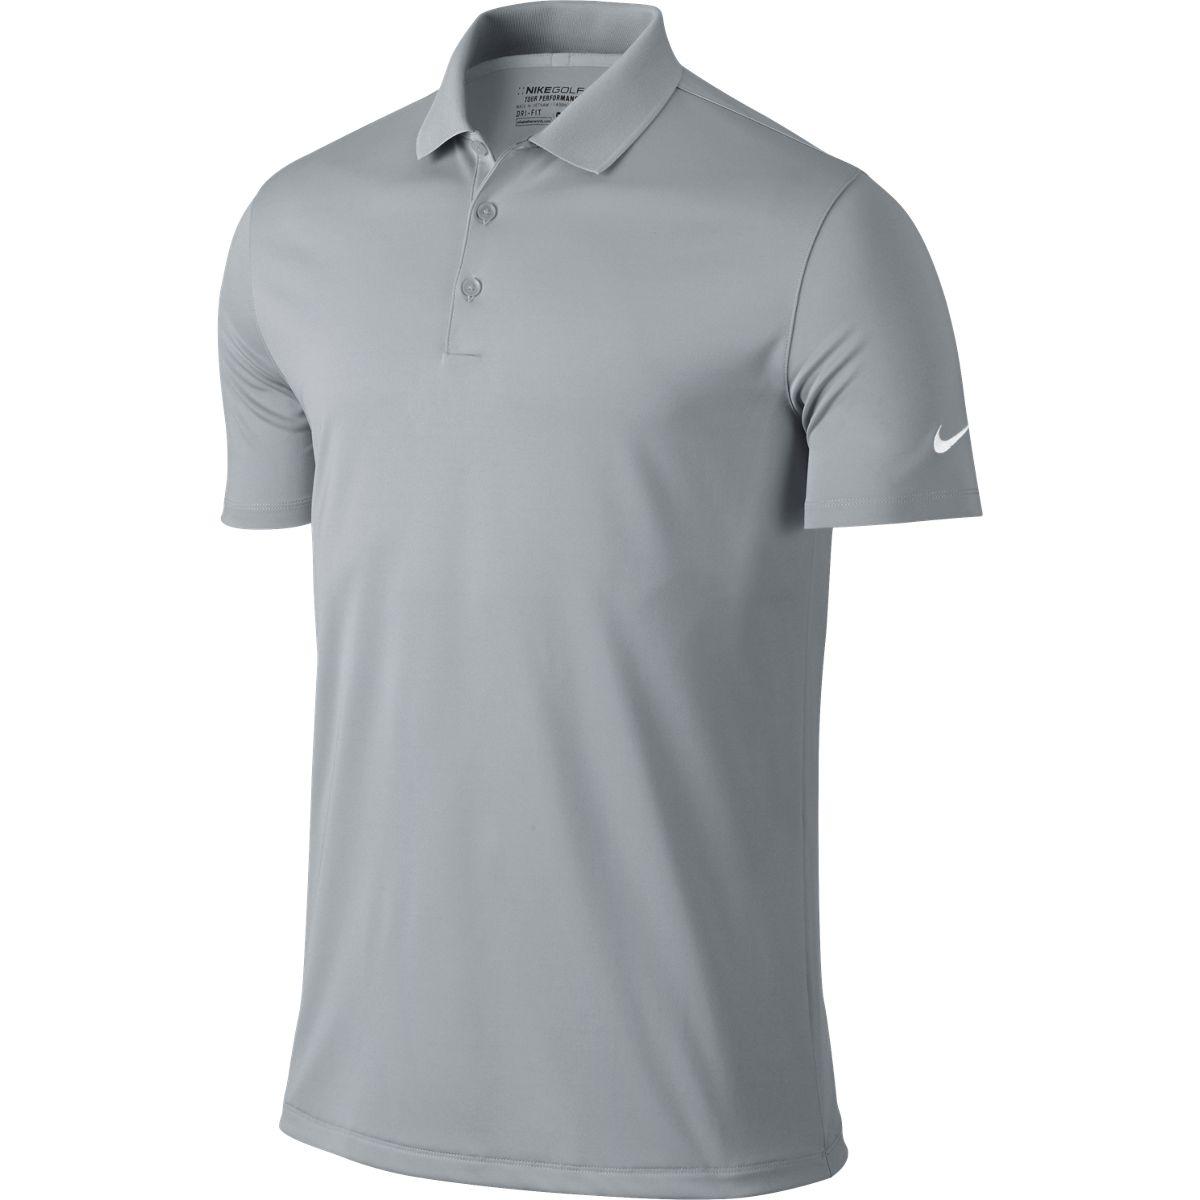 Nike Men's 2017 DriFit Victory Golf Polo Grey